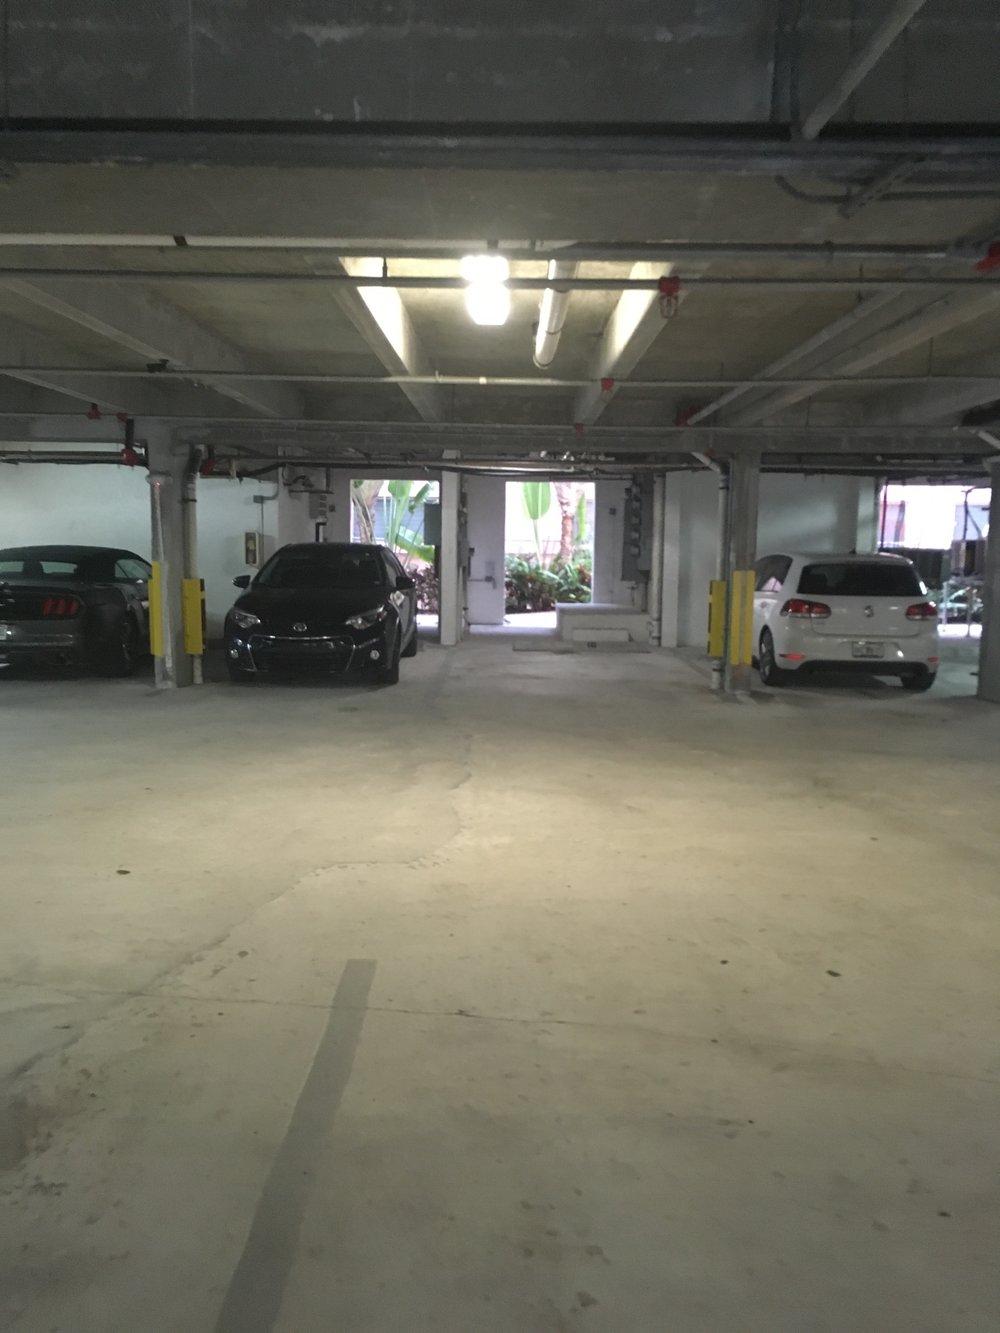 14 - Garage.JPG